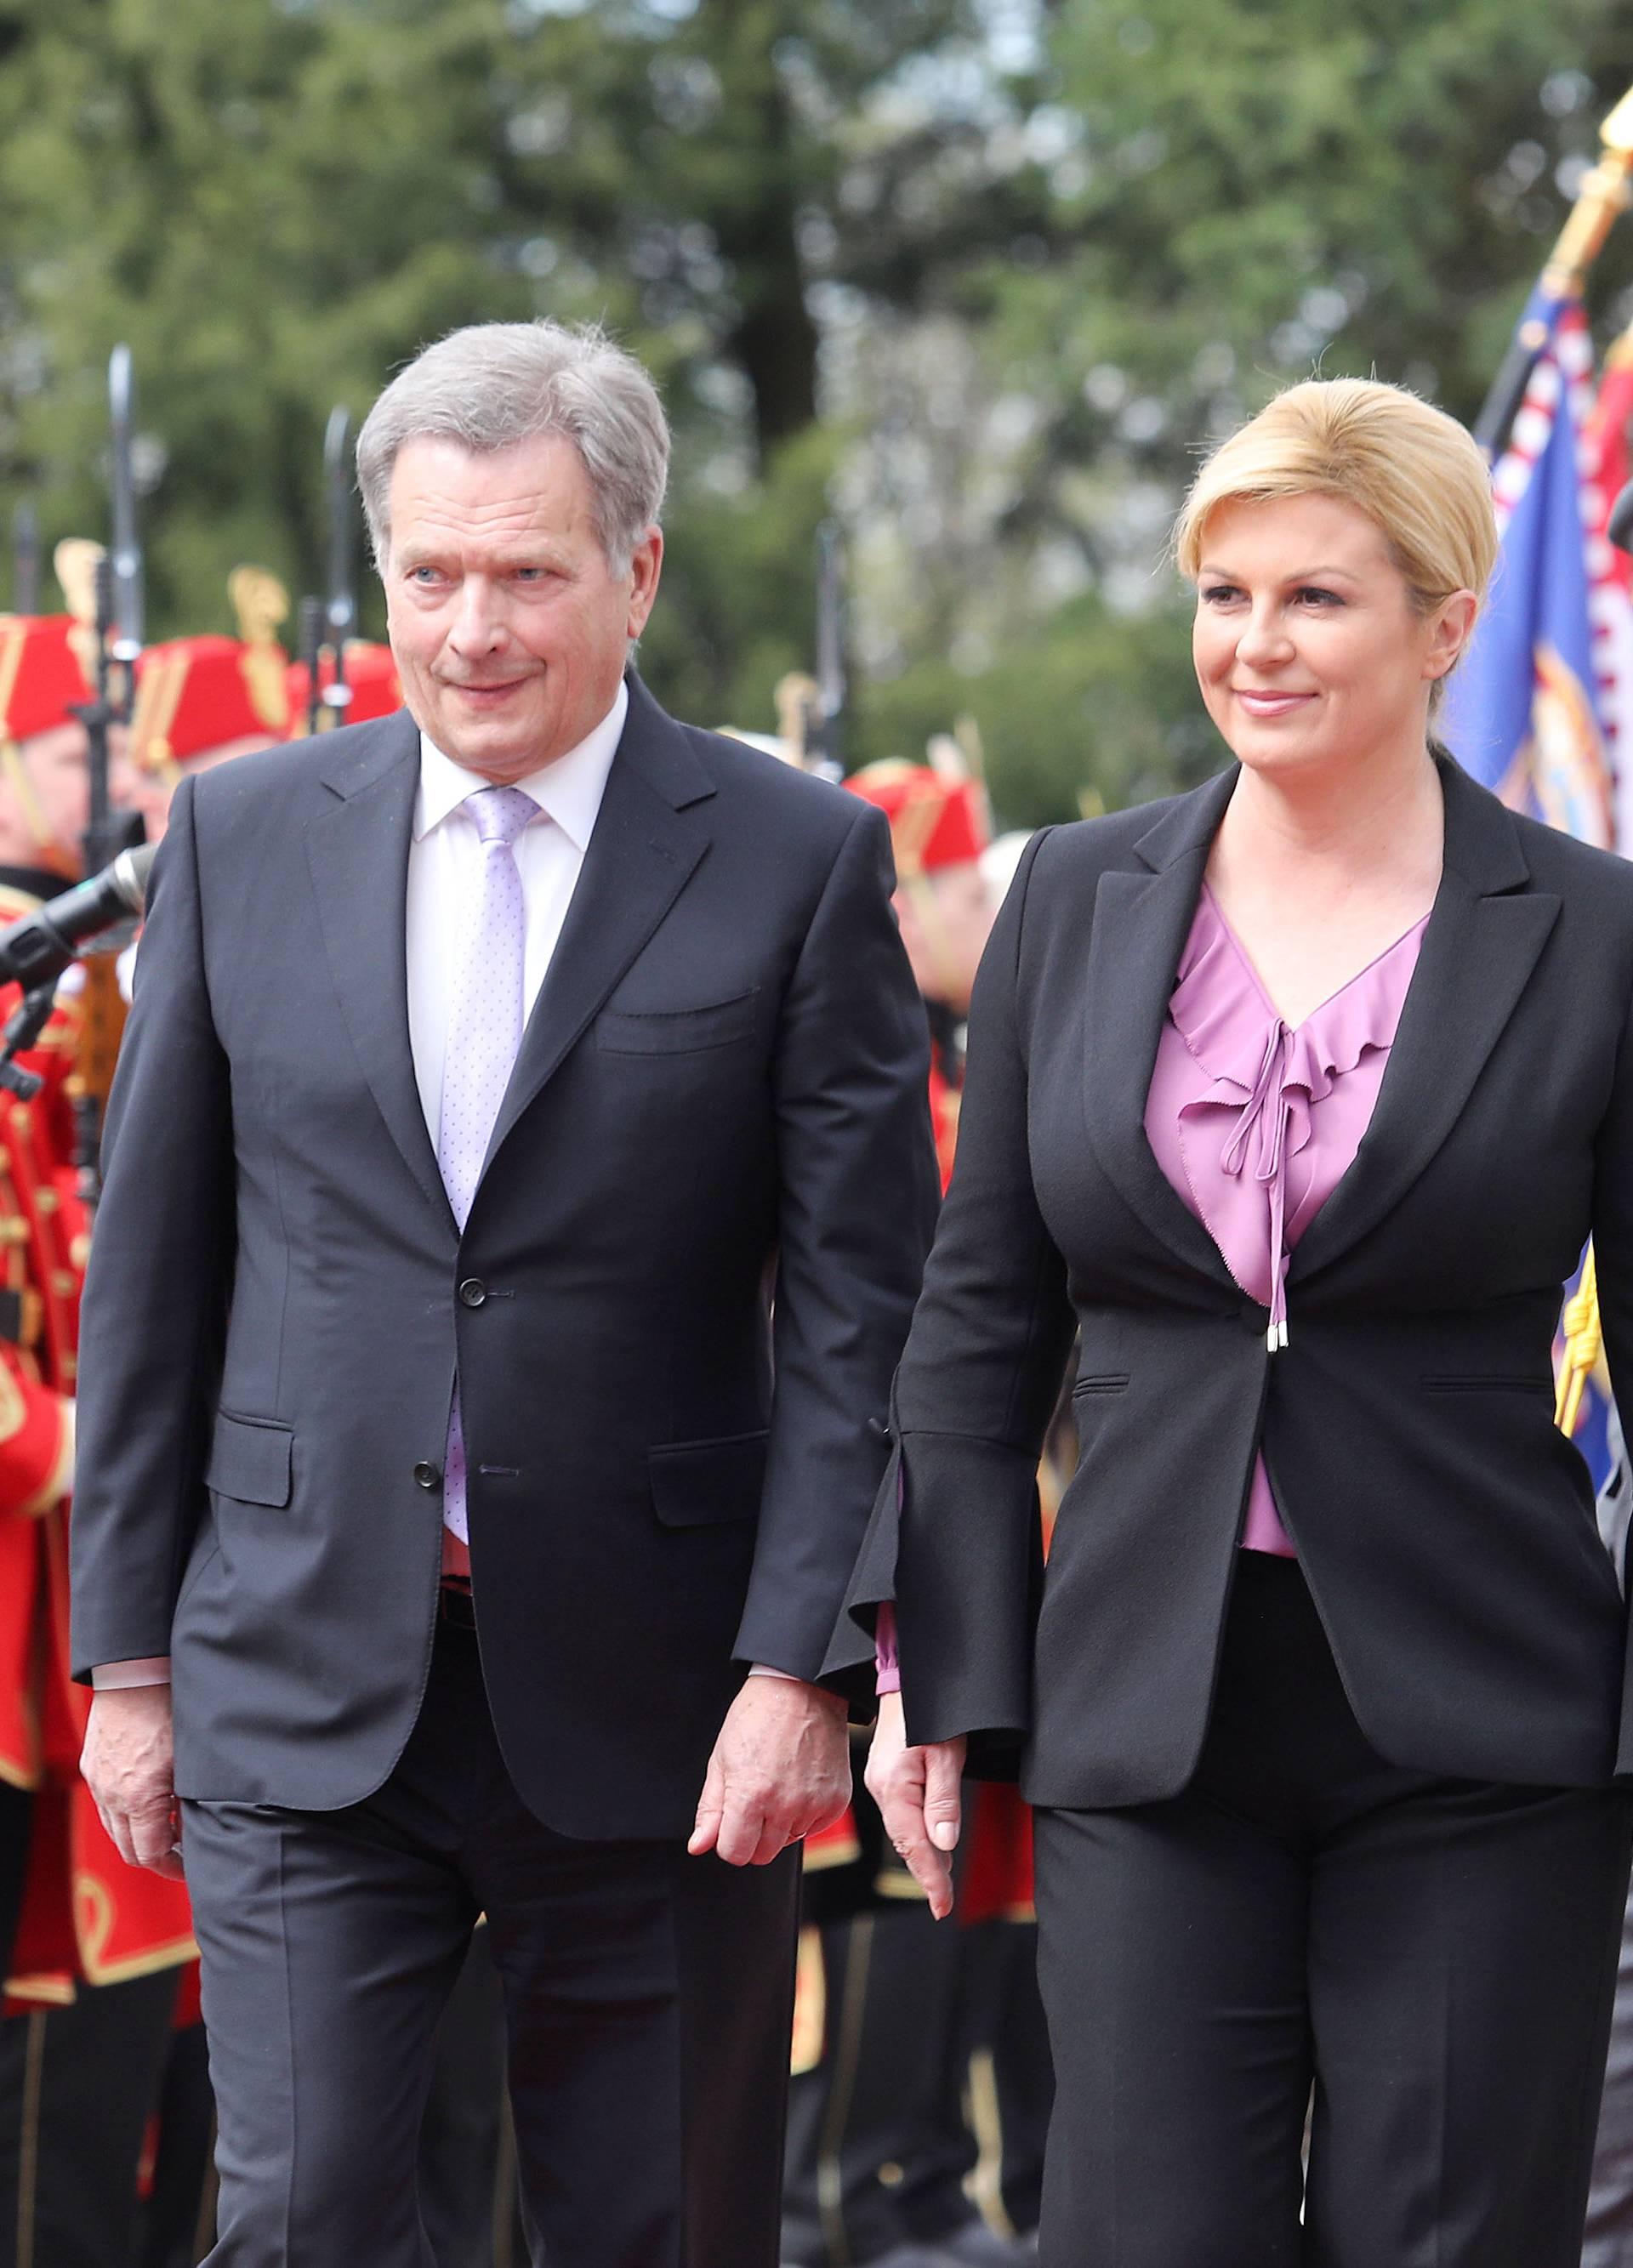 Putovao kao i svi: Predsjednik Finske išao kući jeftinim letom